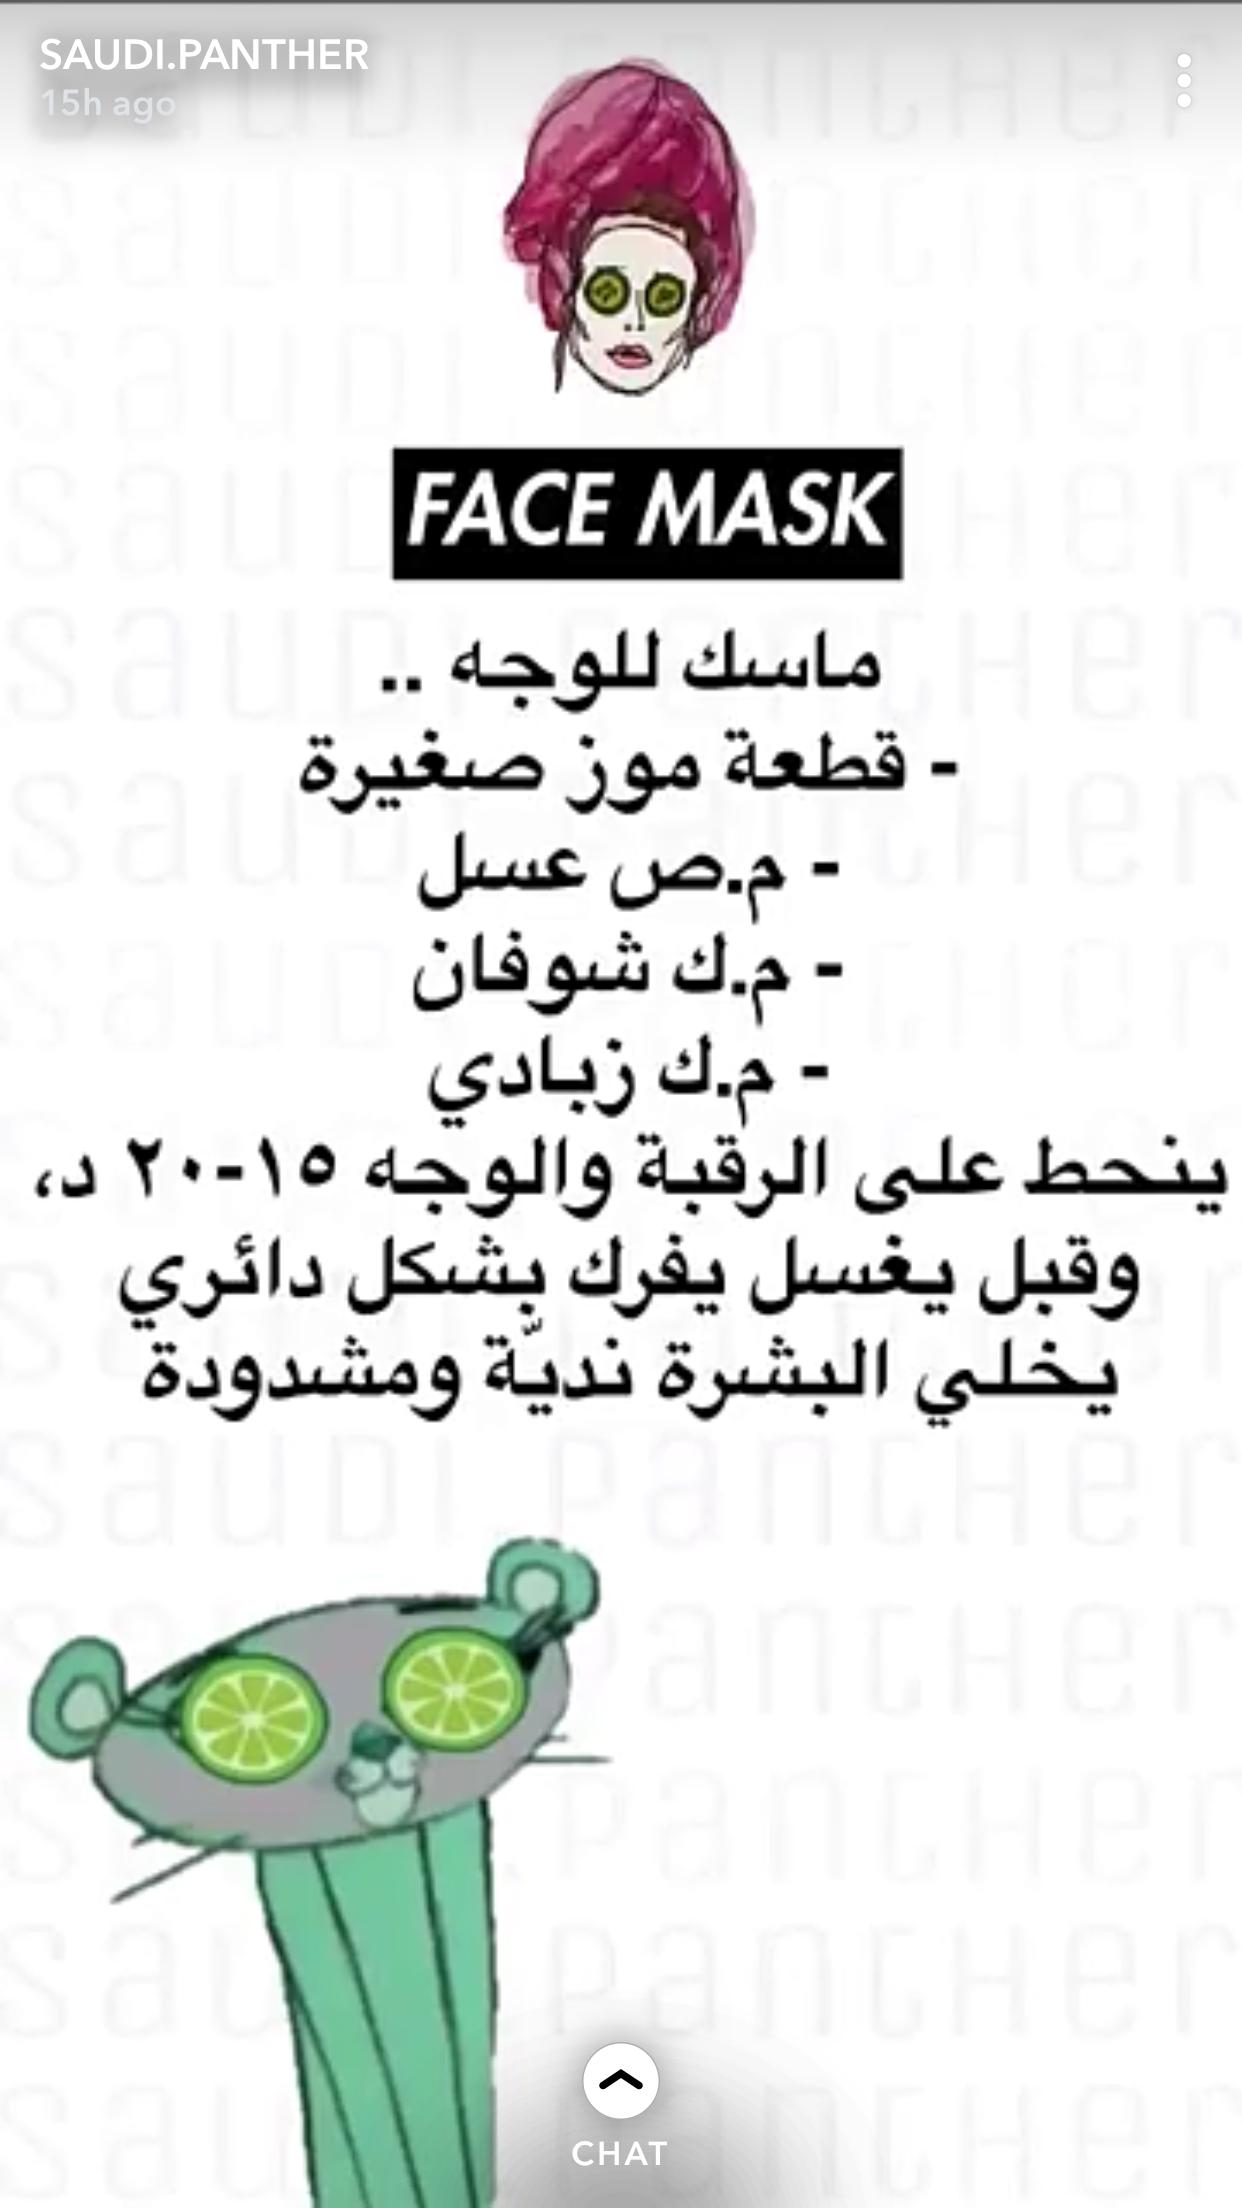 ماسك للوجه Pretty Skin Care Face Care Beauty Skin Care Routine